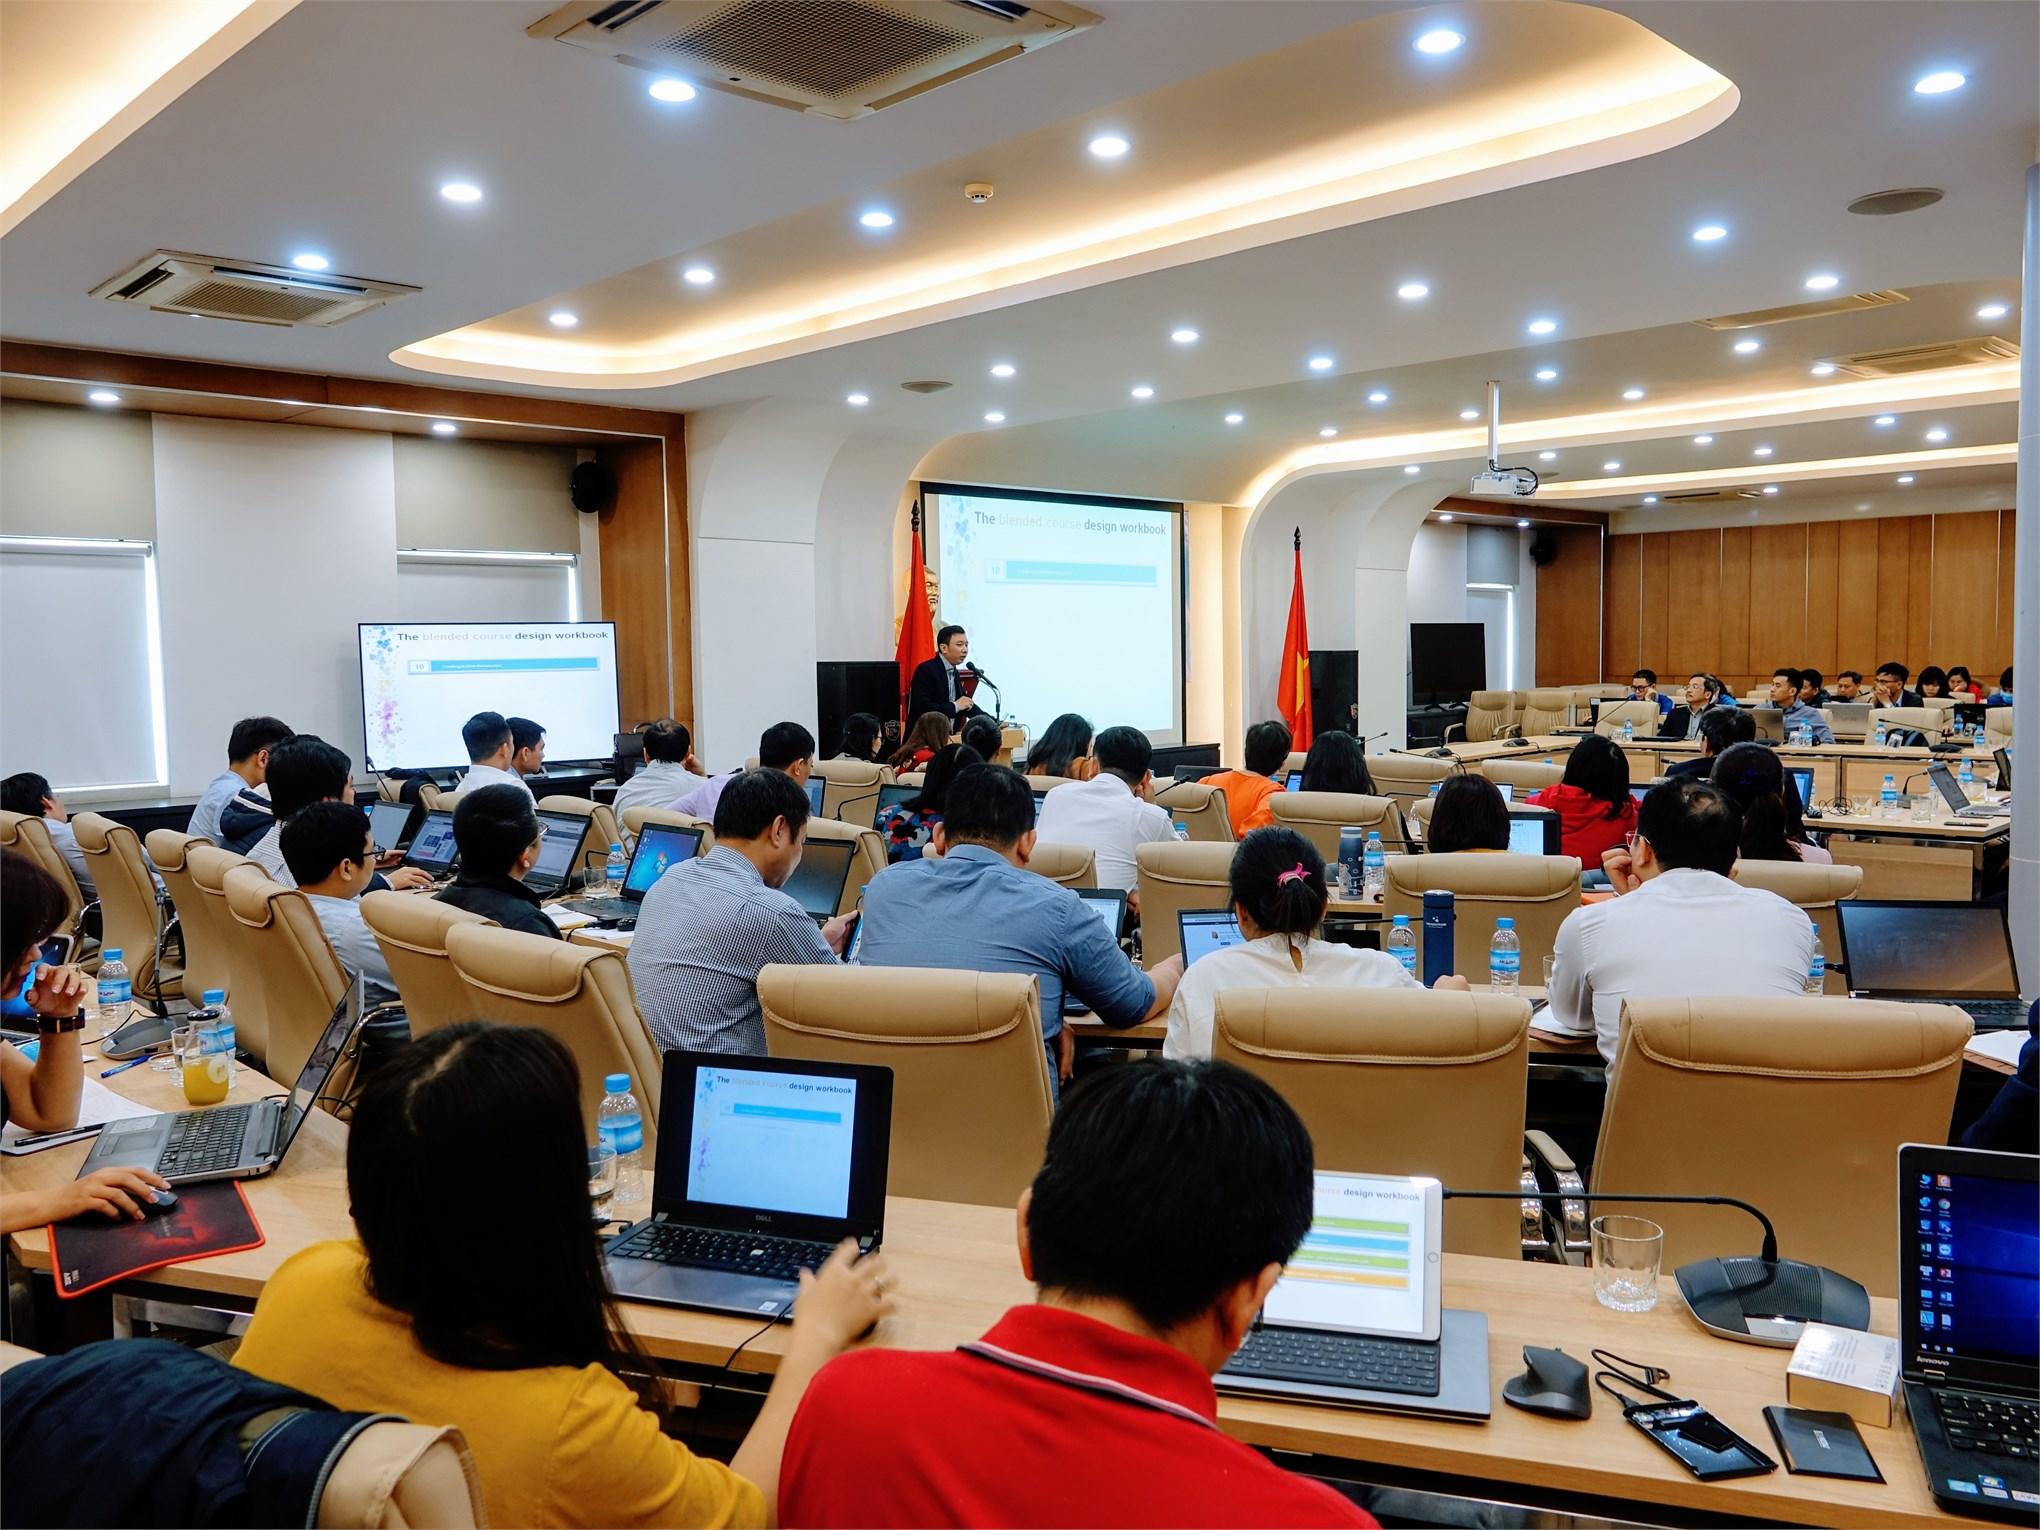 Đại học Công nghiệp Hà Nội tổ chức học trực tuyến